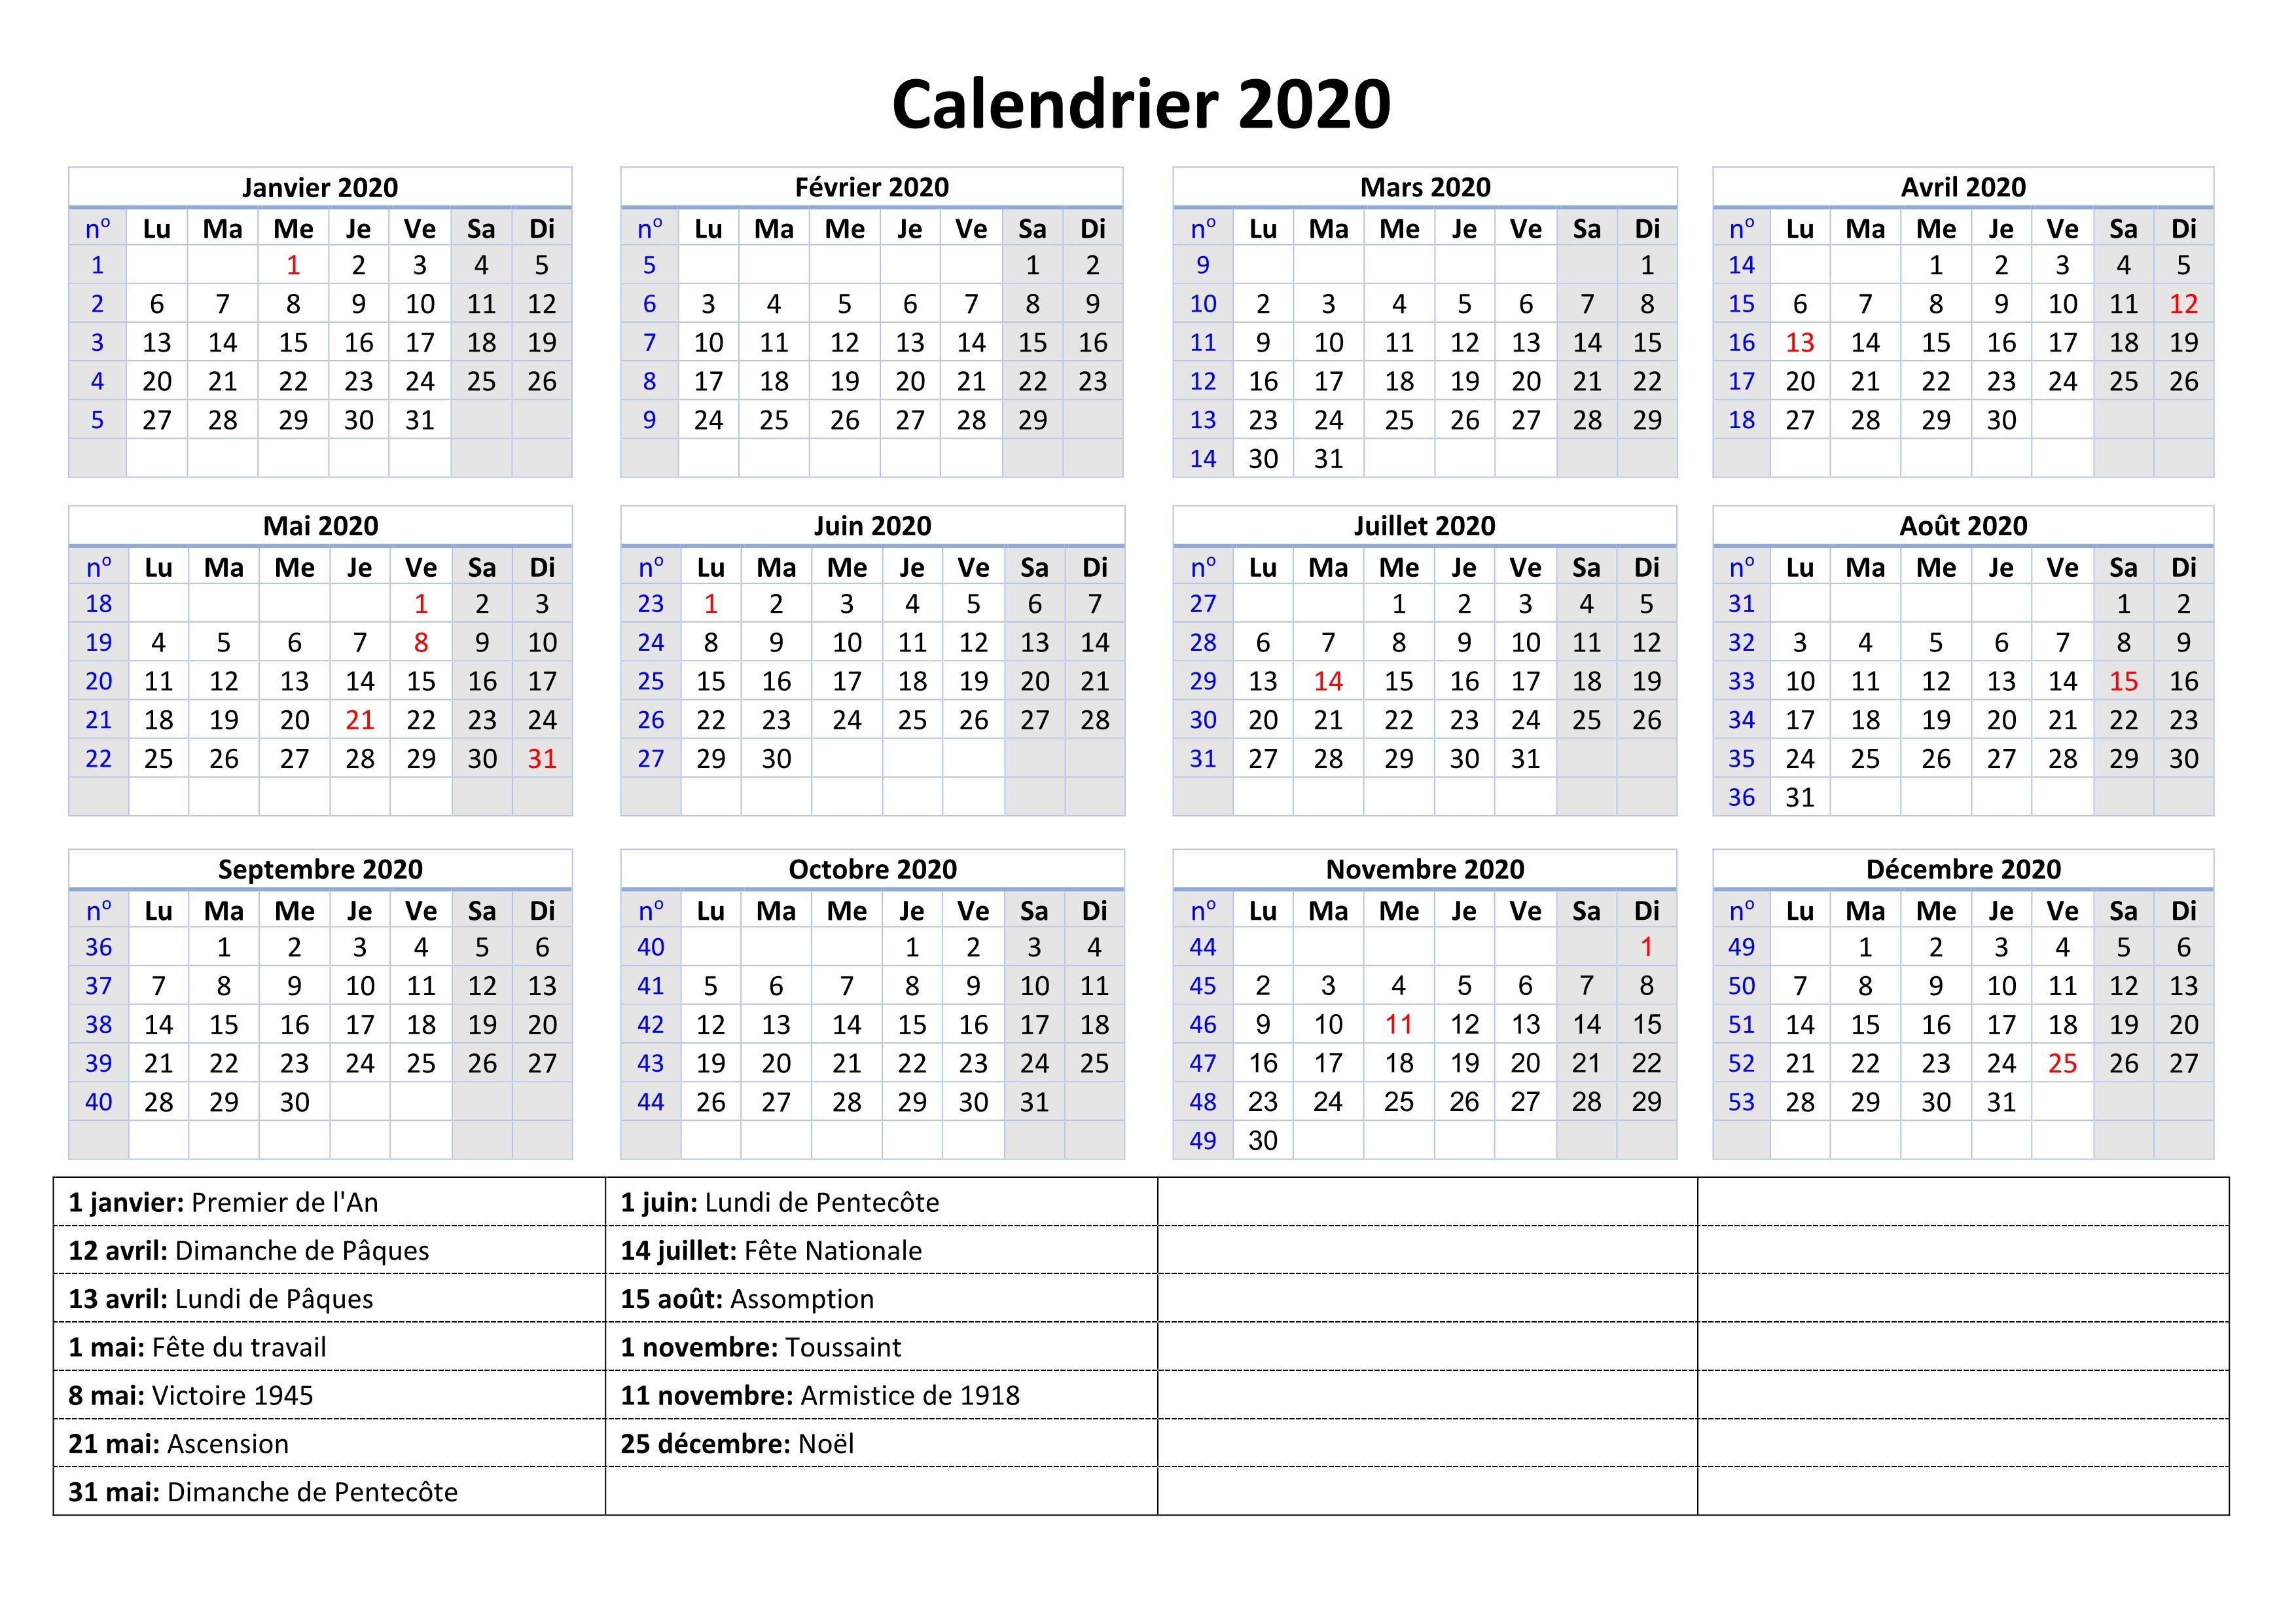 Calendrier 2020 Avec Semaine | Calendrier 2020 tout Calendrier 2019 Avec Jours Fériés Vacances Scolaires À Imprimer